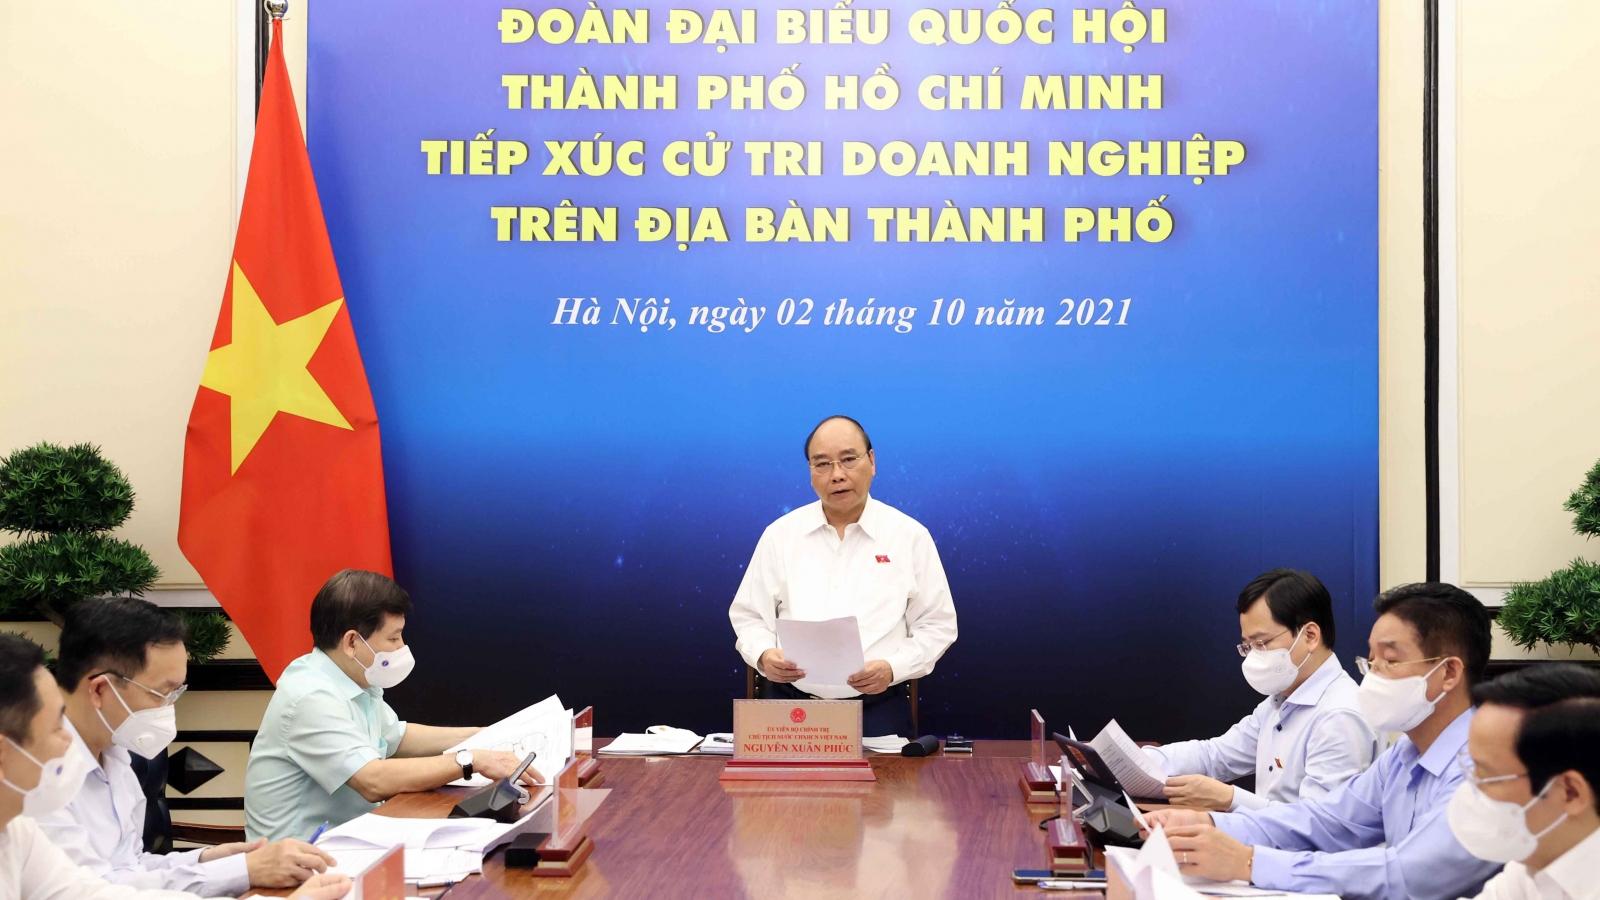 Chủ tịch nước: Cần tạo thuận lợi cho di chuyển hàng hóa, con người để khôi phục sản xuất